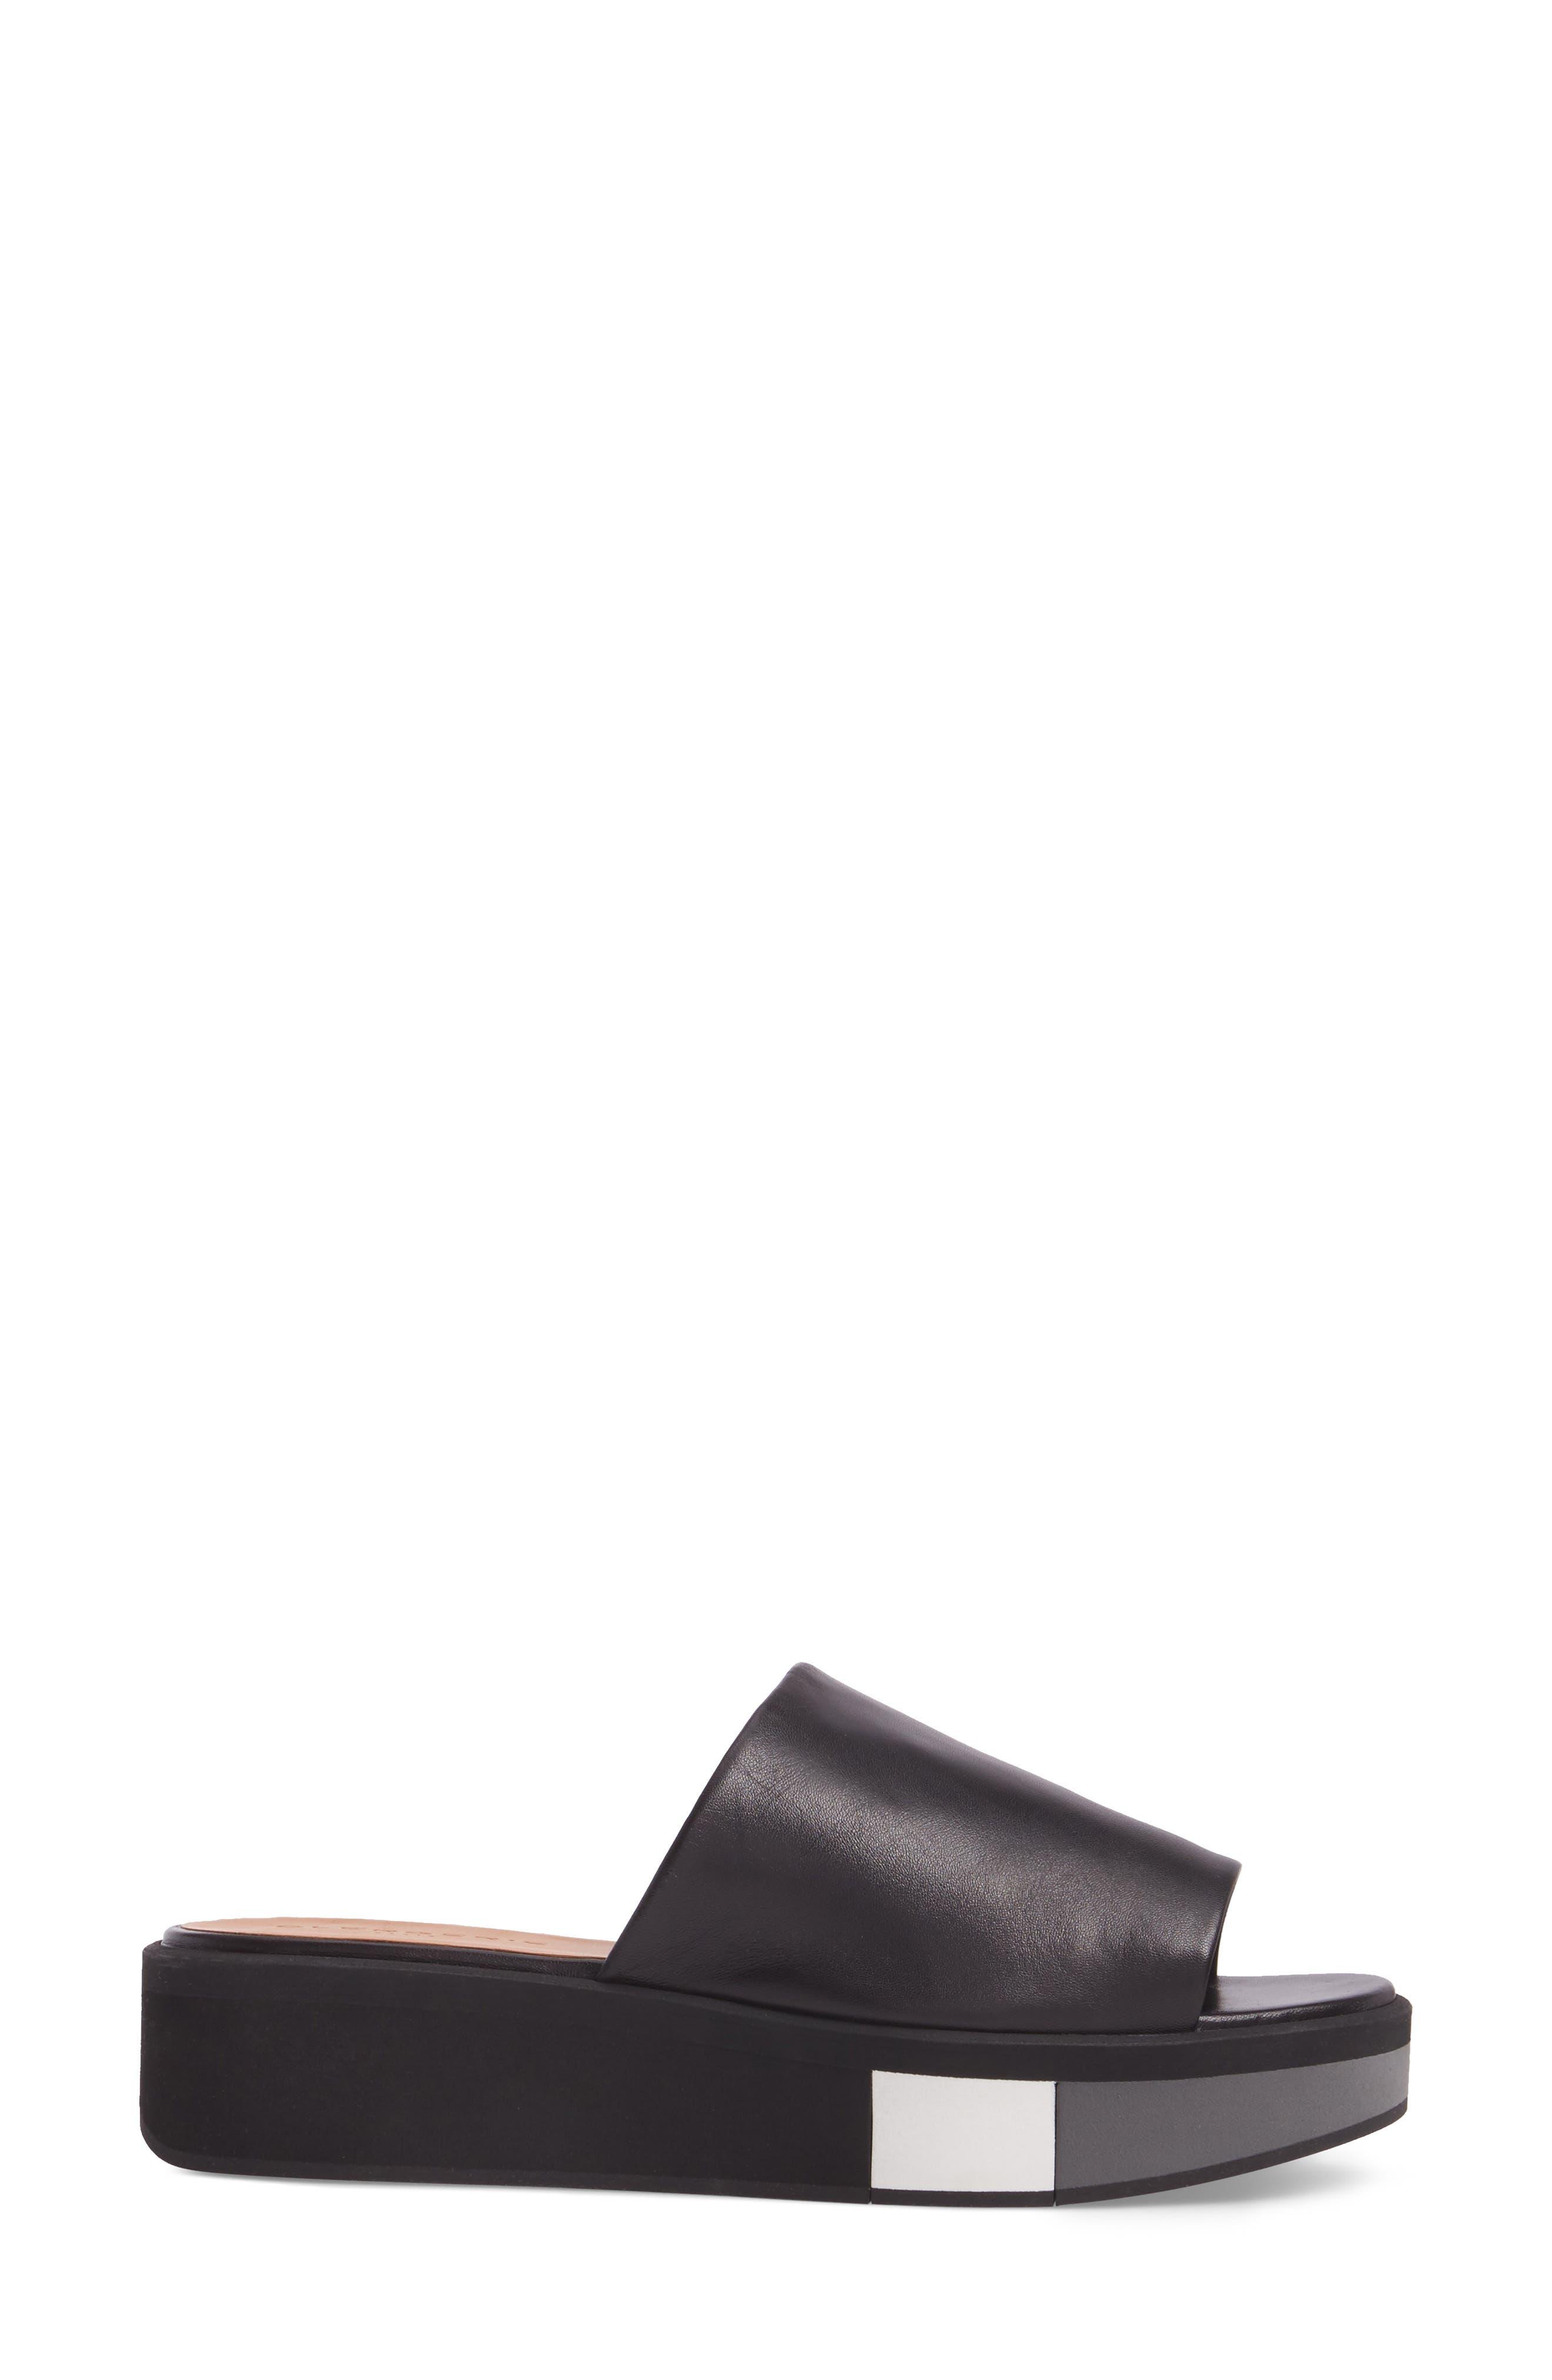 Quenor Platform Sandal,                             Alternate thumbnail 3, color,                             004